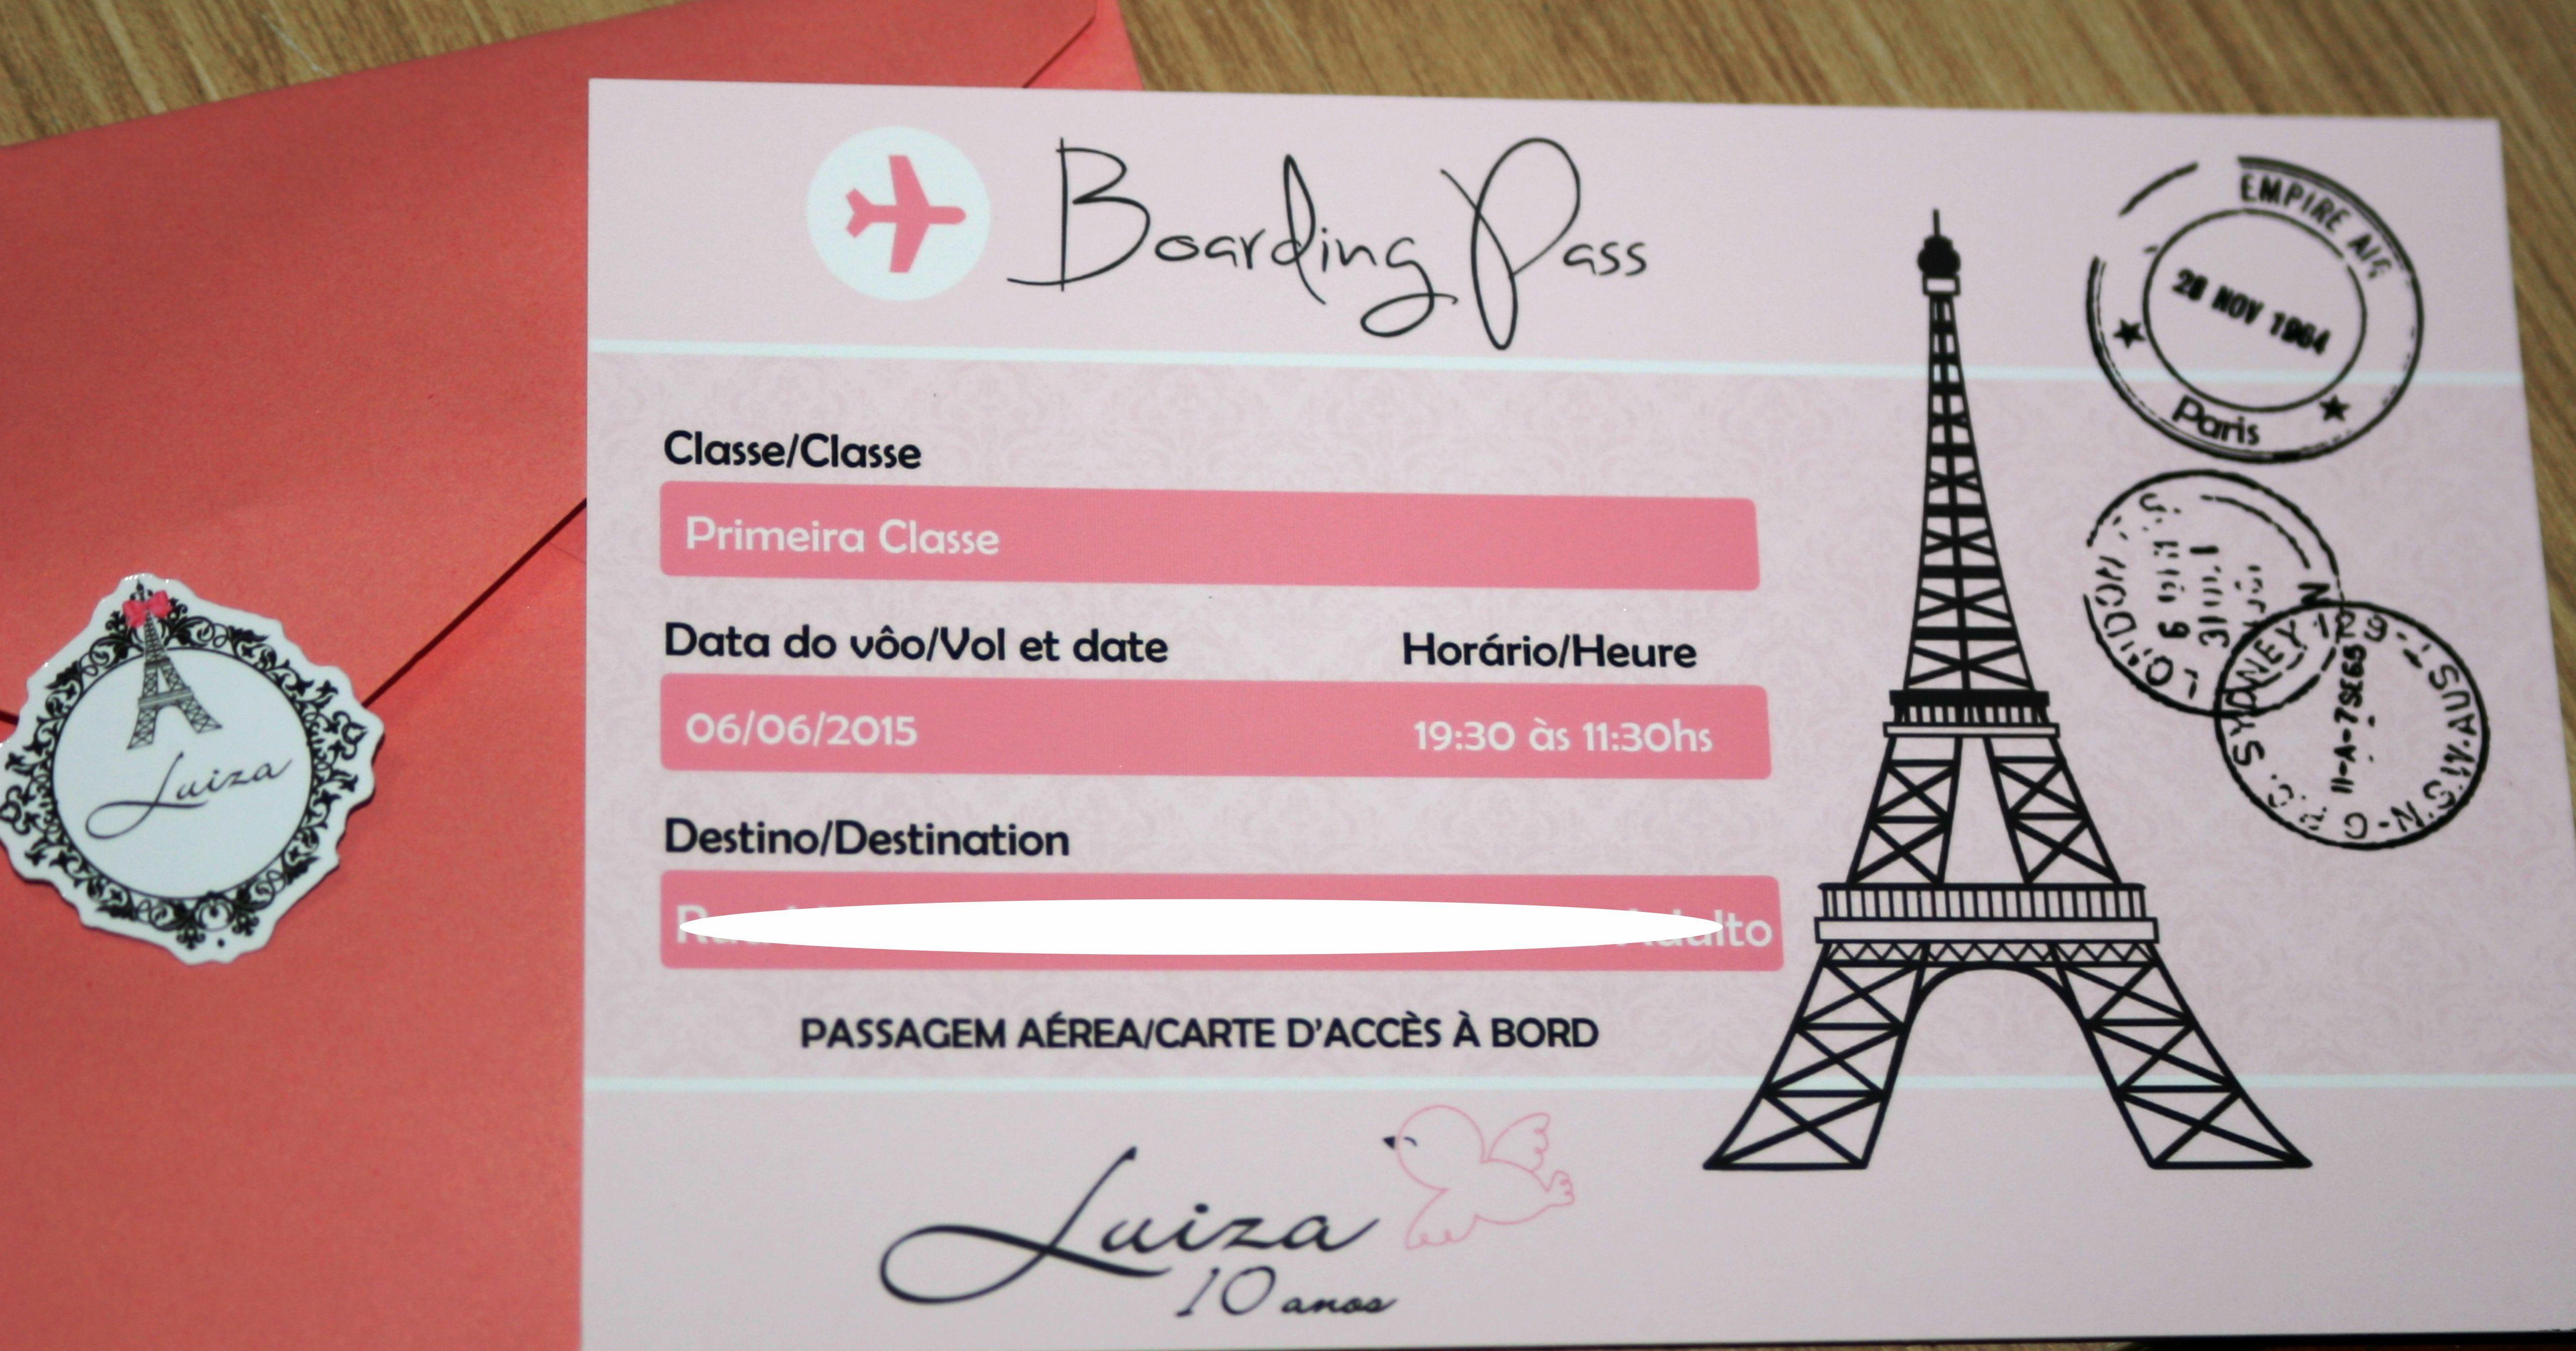 Convite 10x15 Convite Paris Jpg 5120 2686 Convite Convites